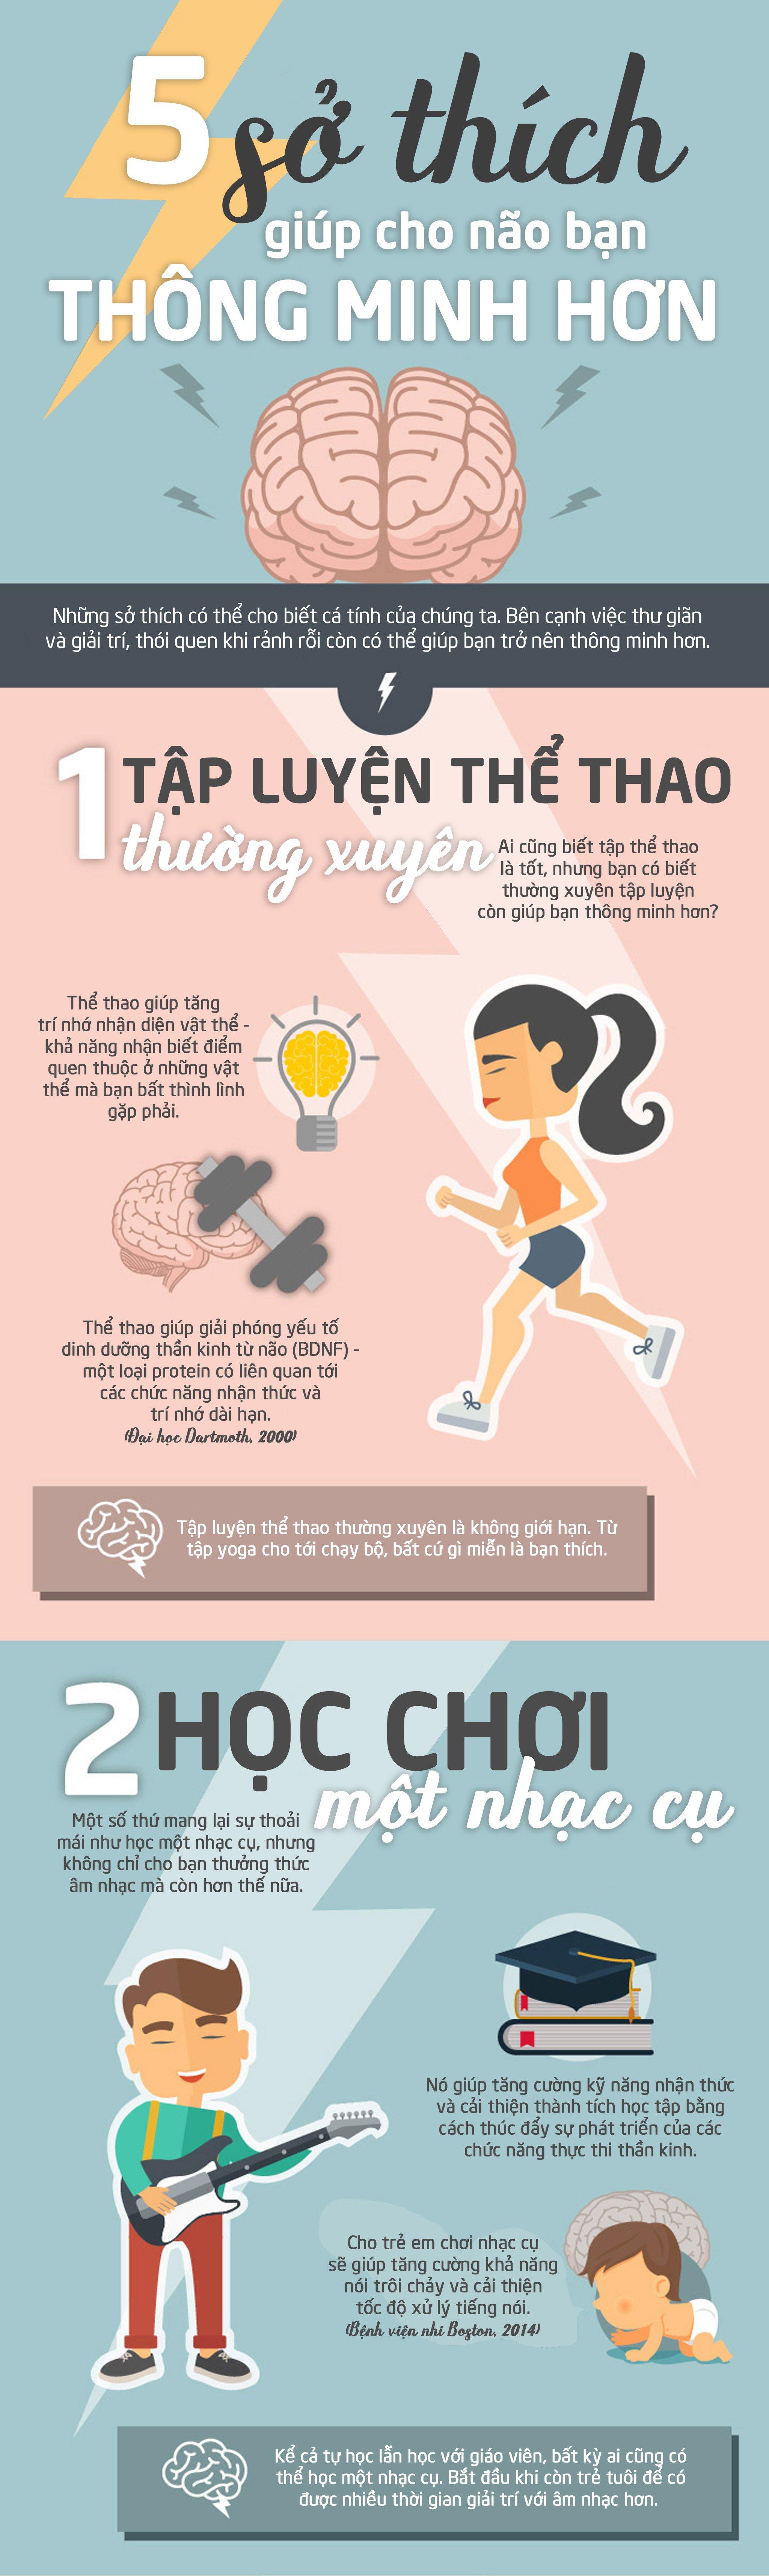 [Infographic] 5 Thói quen sở thích giúp bạn thông minh và nhanh trí hơn - Ảnh 1